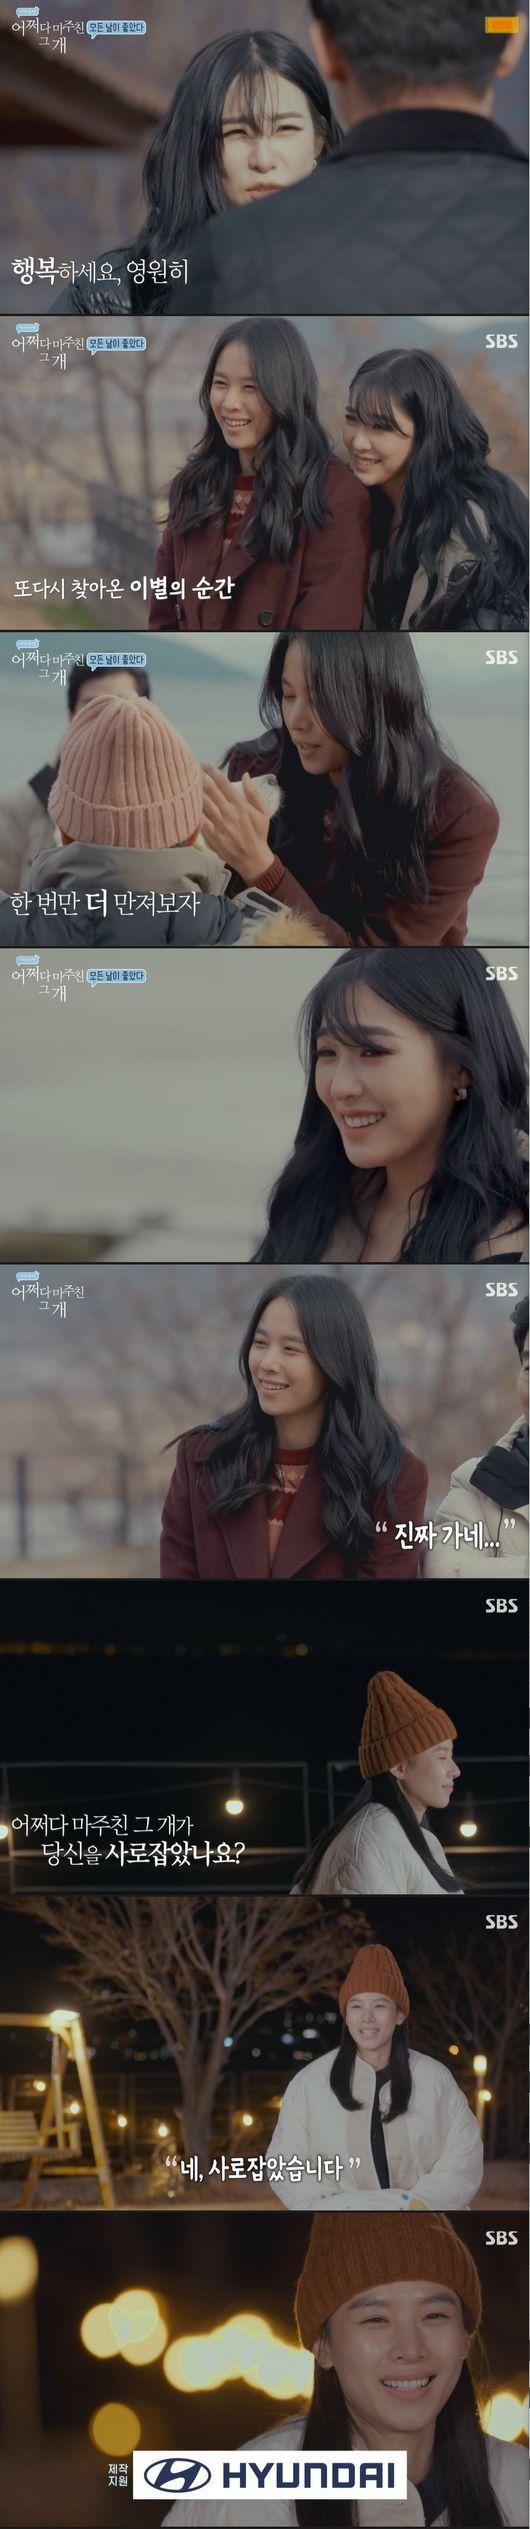 조윤희 동물 사랑하는 분들 모여 감사했다‥눈물 속 이별→새출발 응원할 때 [Oh!쎈 종합]